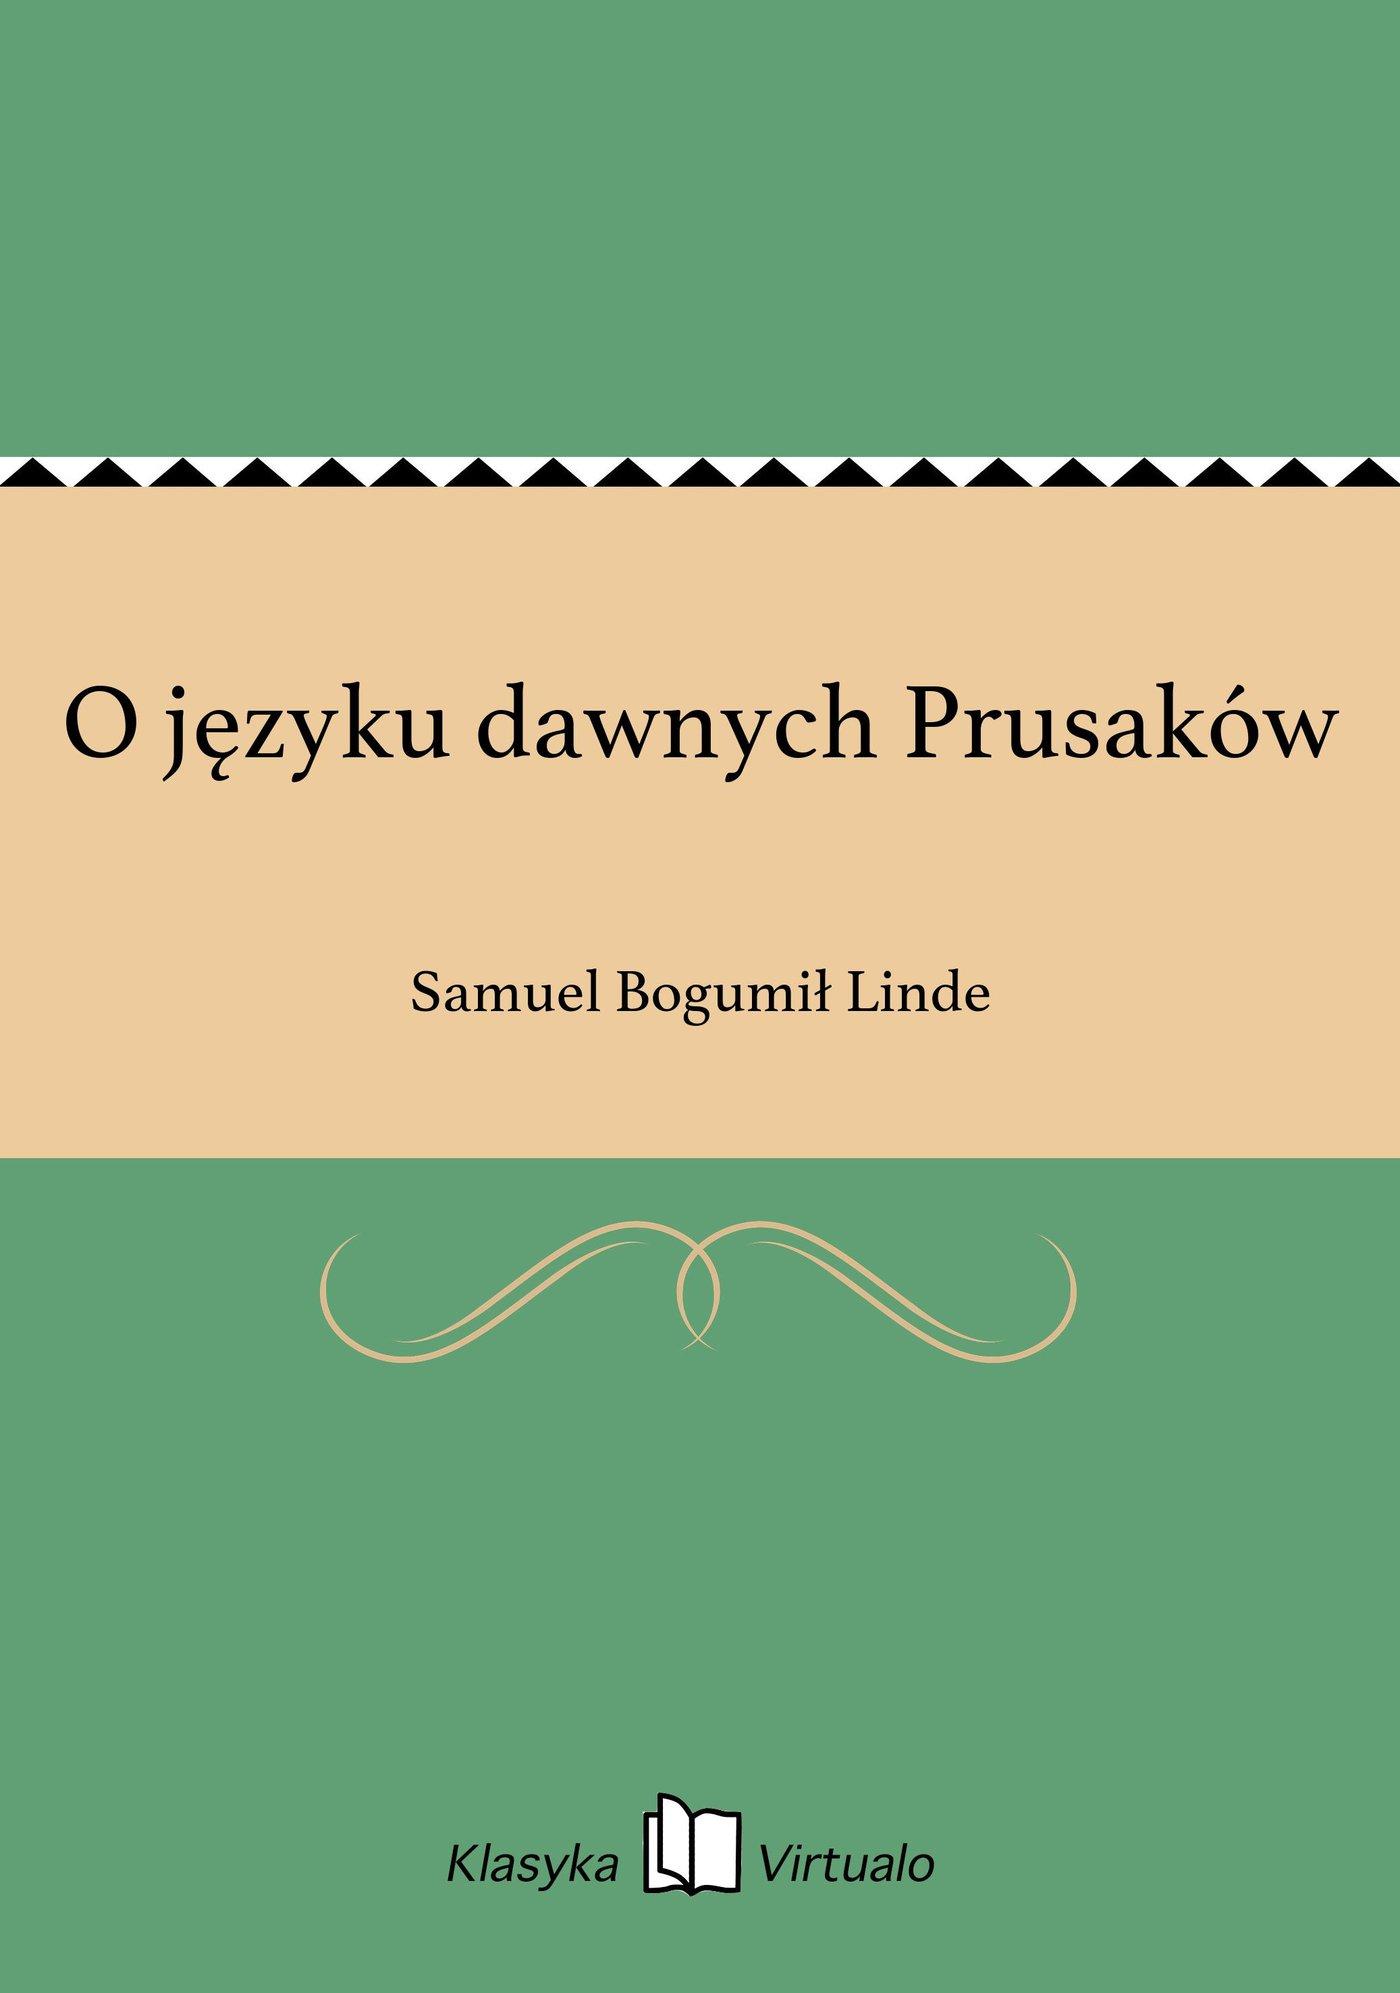 O języku dawnych Prusaków - Ebook (Książka na Kindle) do pobrania w formacie MOBI